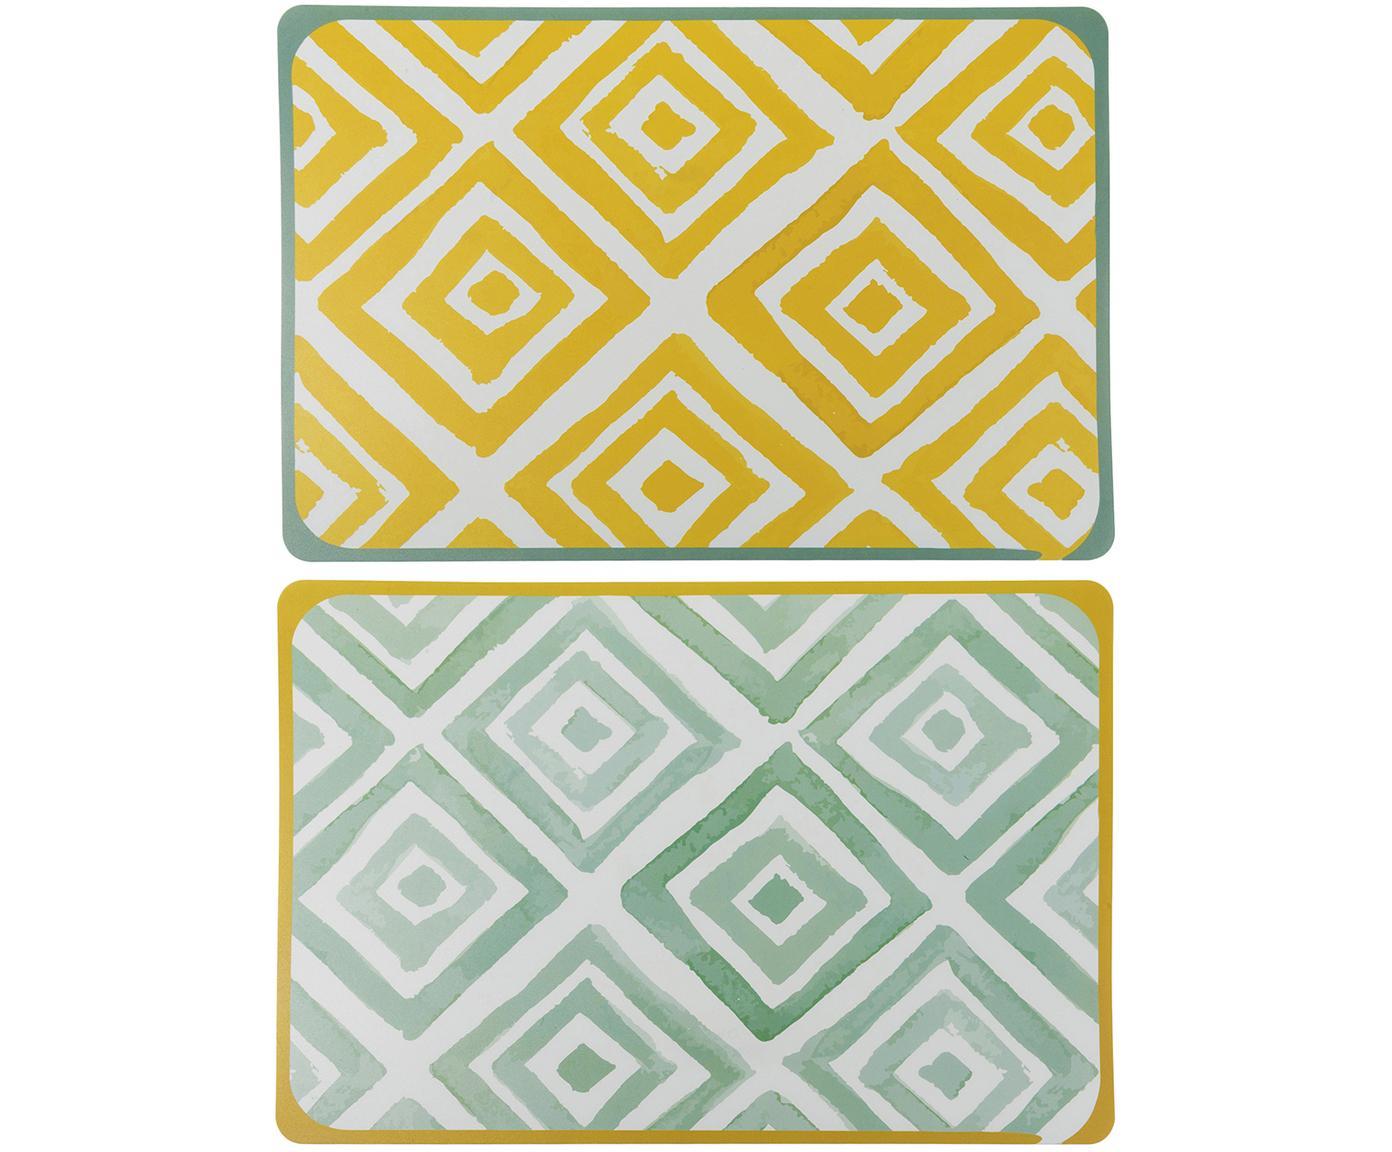 Tischsets Oriental, 6er Set, Kunststoff, Weiss, Grün, Gelb, B 45 x T 30 cm